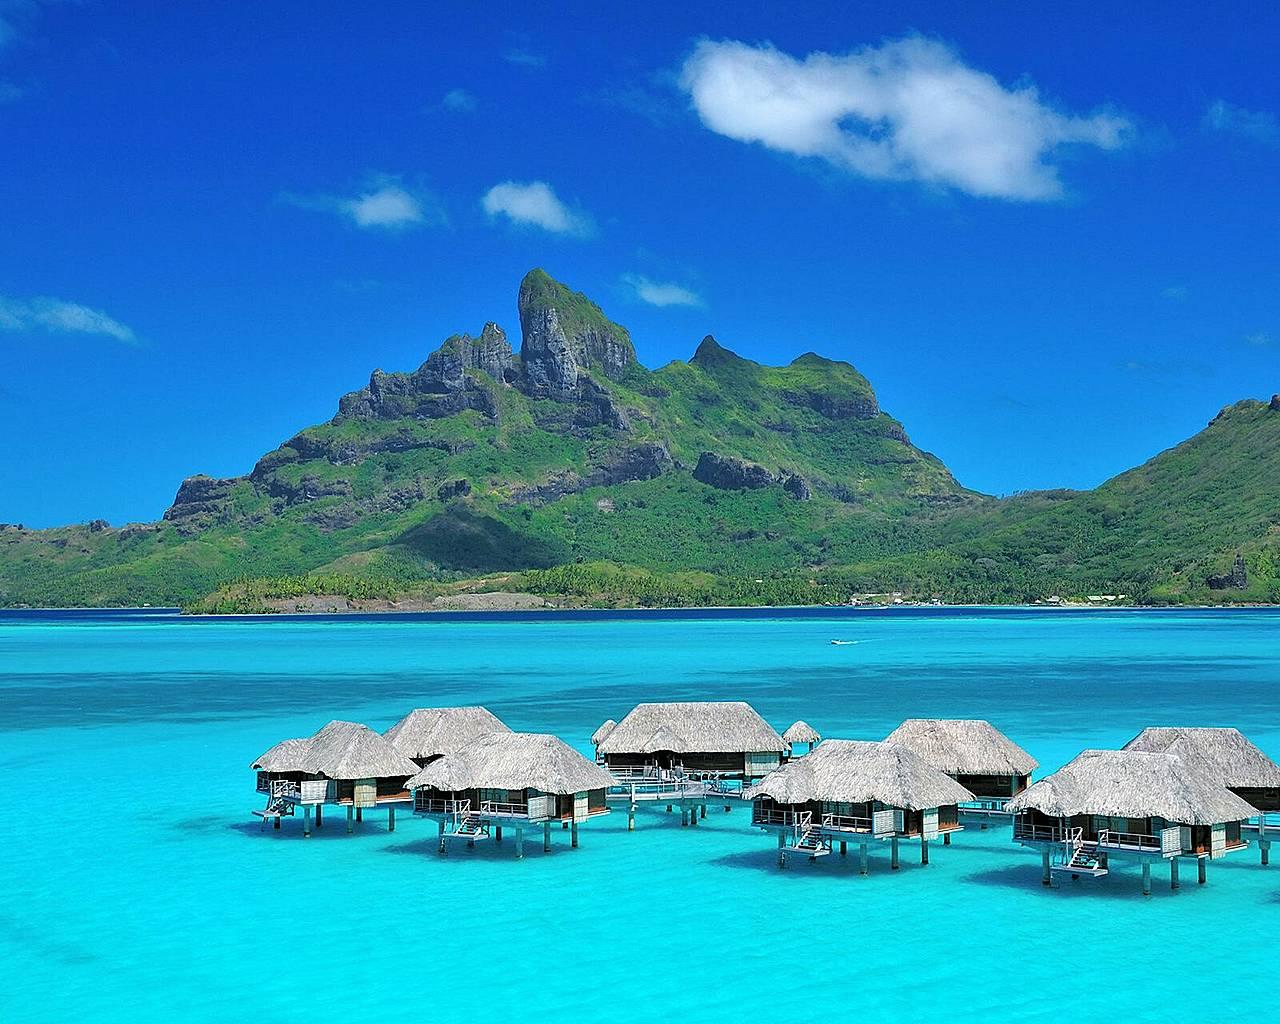 тайланд отели с домиками на воде